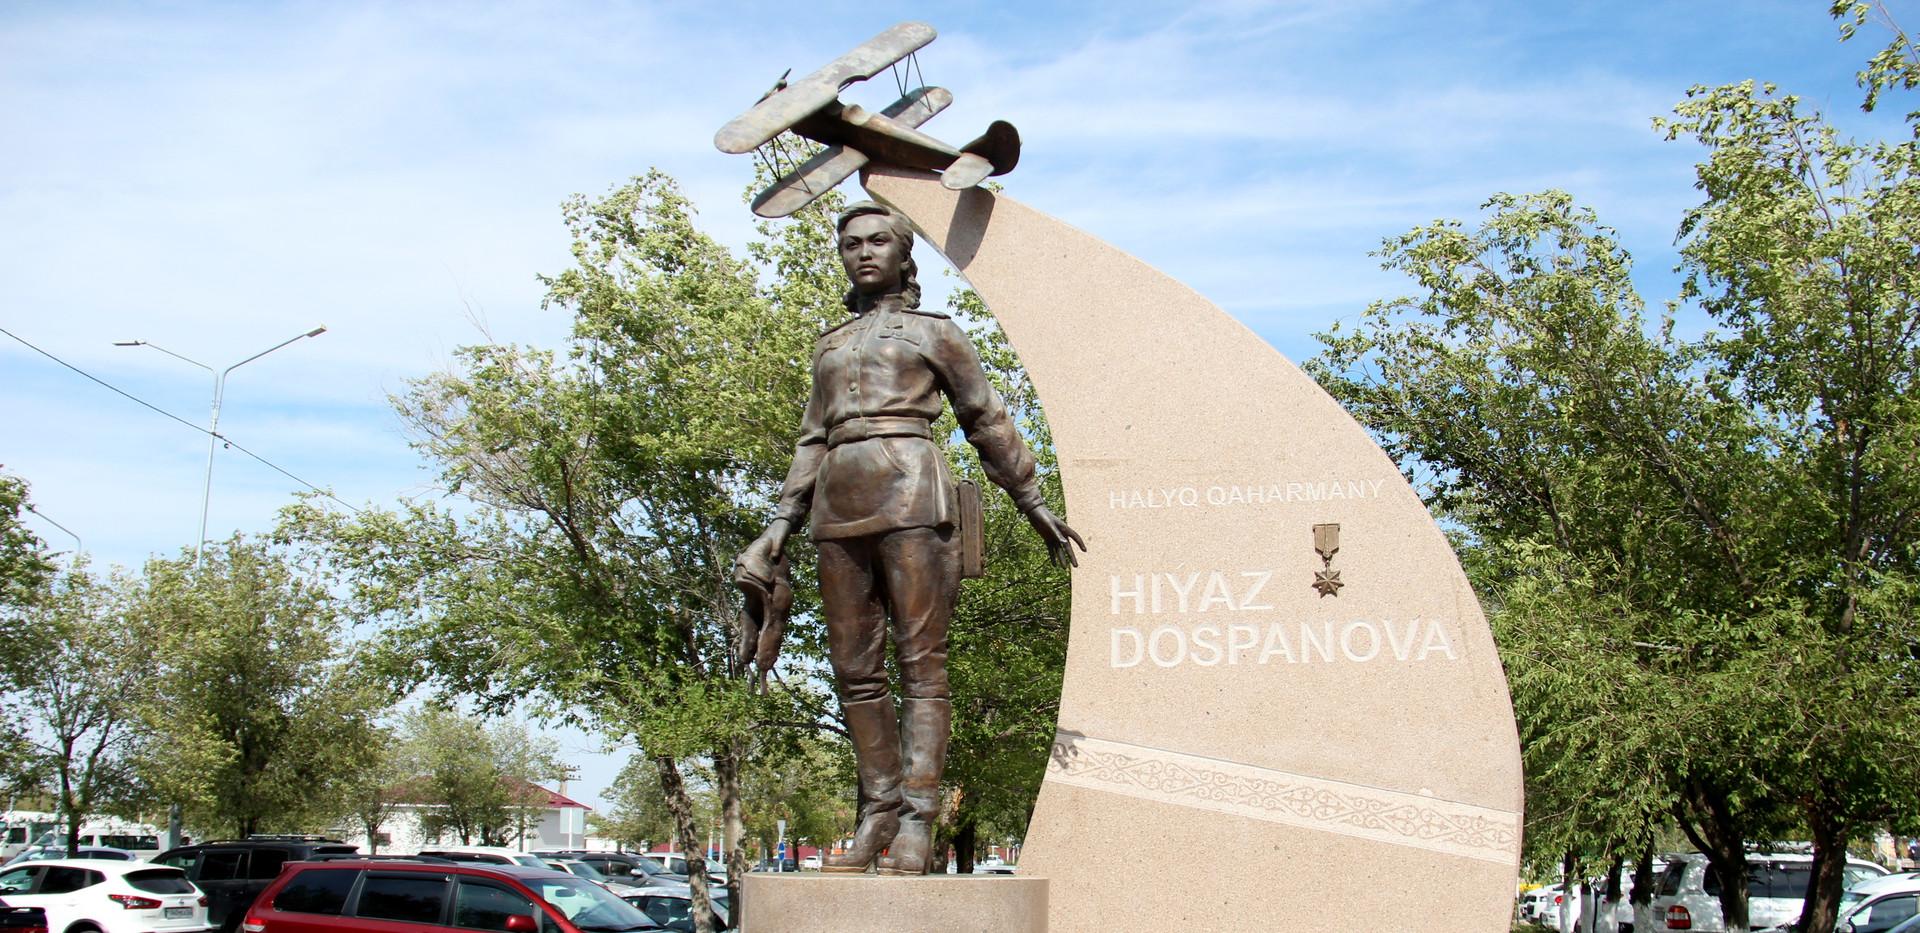 Памятник Хиуаз Доспановой (первая лётчица-казашка)